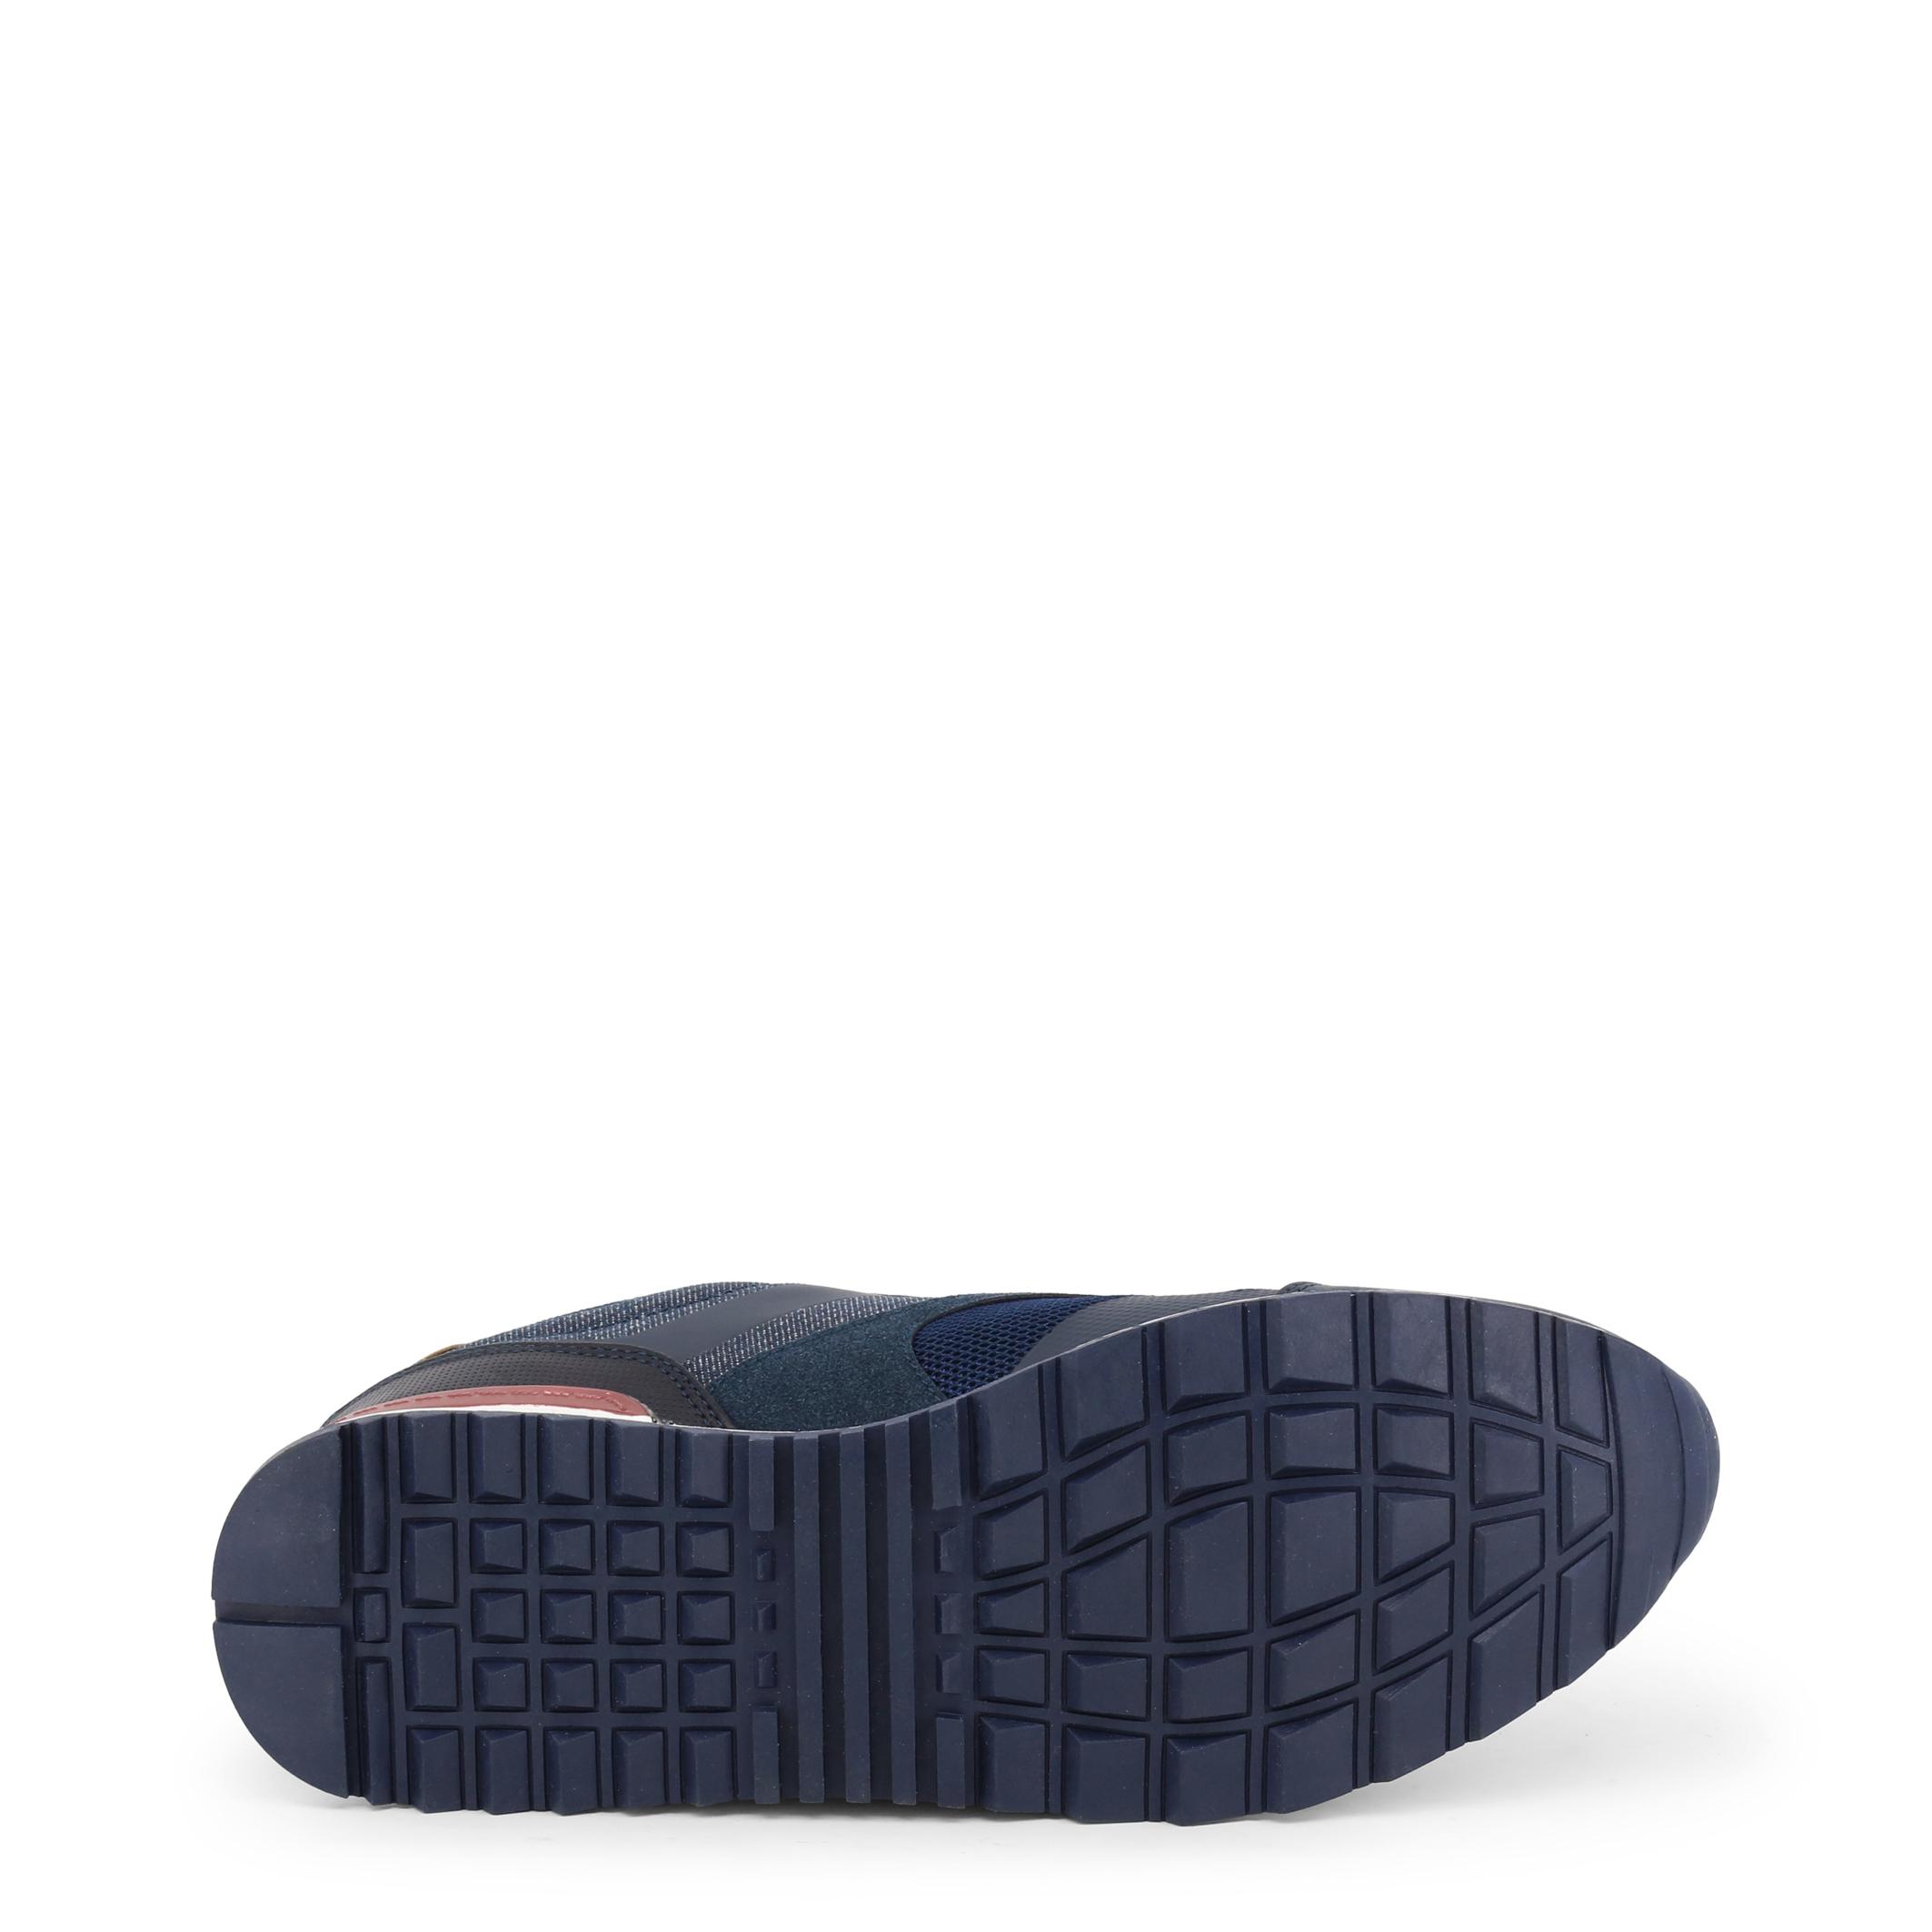 Baskets / Sport  Dunlop 35363 blue